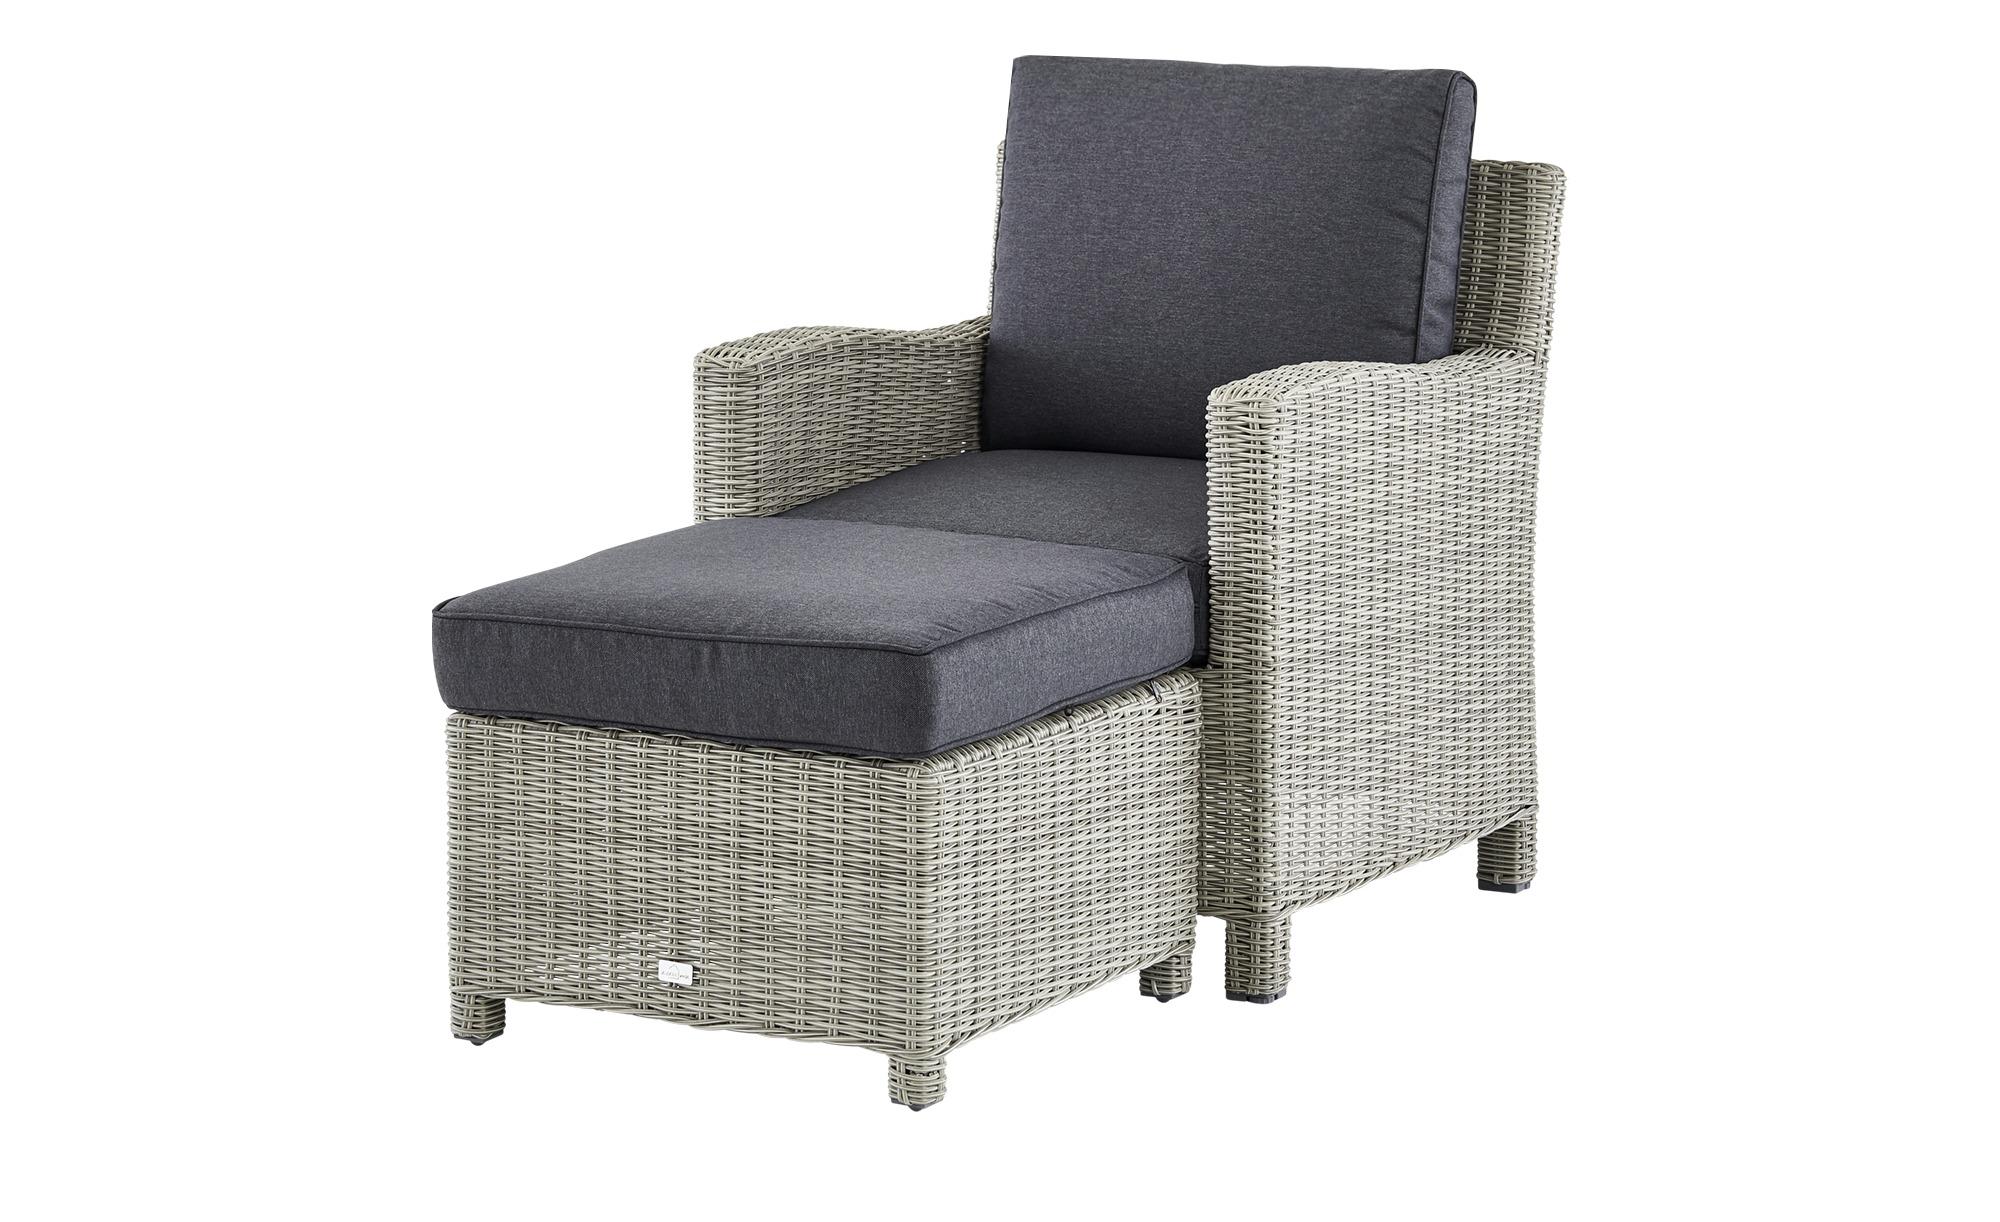 Lounge-Sessel   Palma ¦ creme ¦ Aluminium pulverbeschichtet/ PE-Geflecht ¦ Maße (cm): B: 74 H: 85 T: 80 Garten > Gartenmöbel > Gartensessel - Höffner